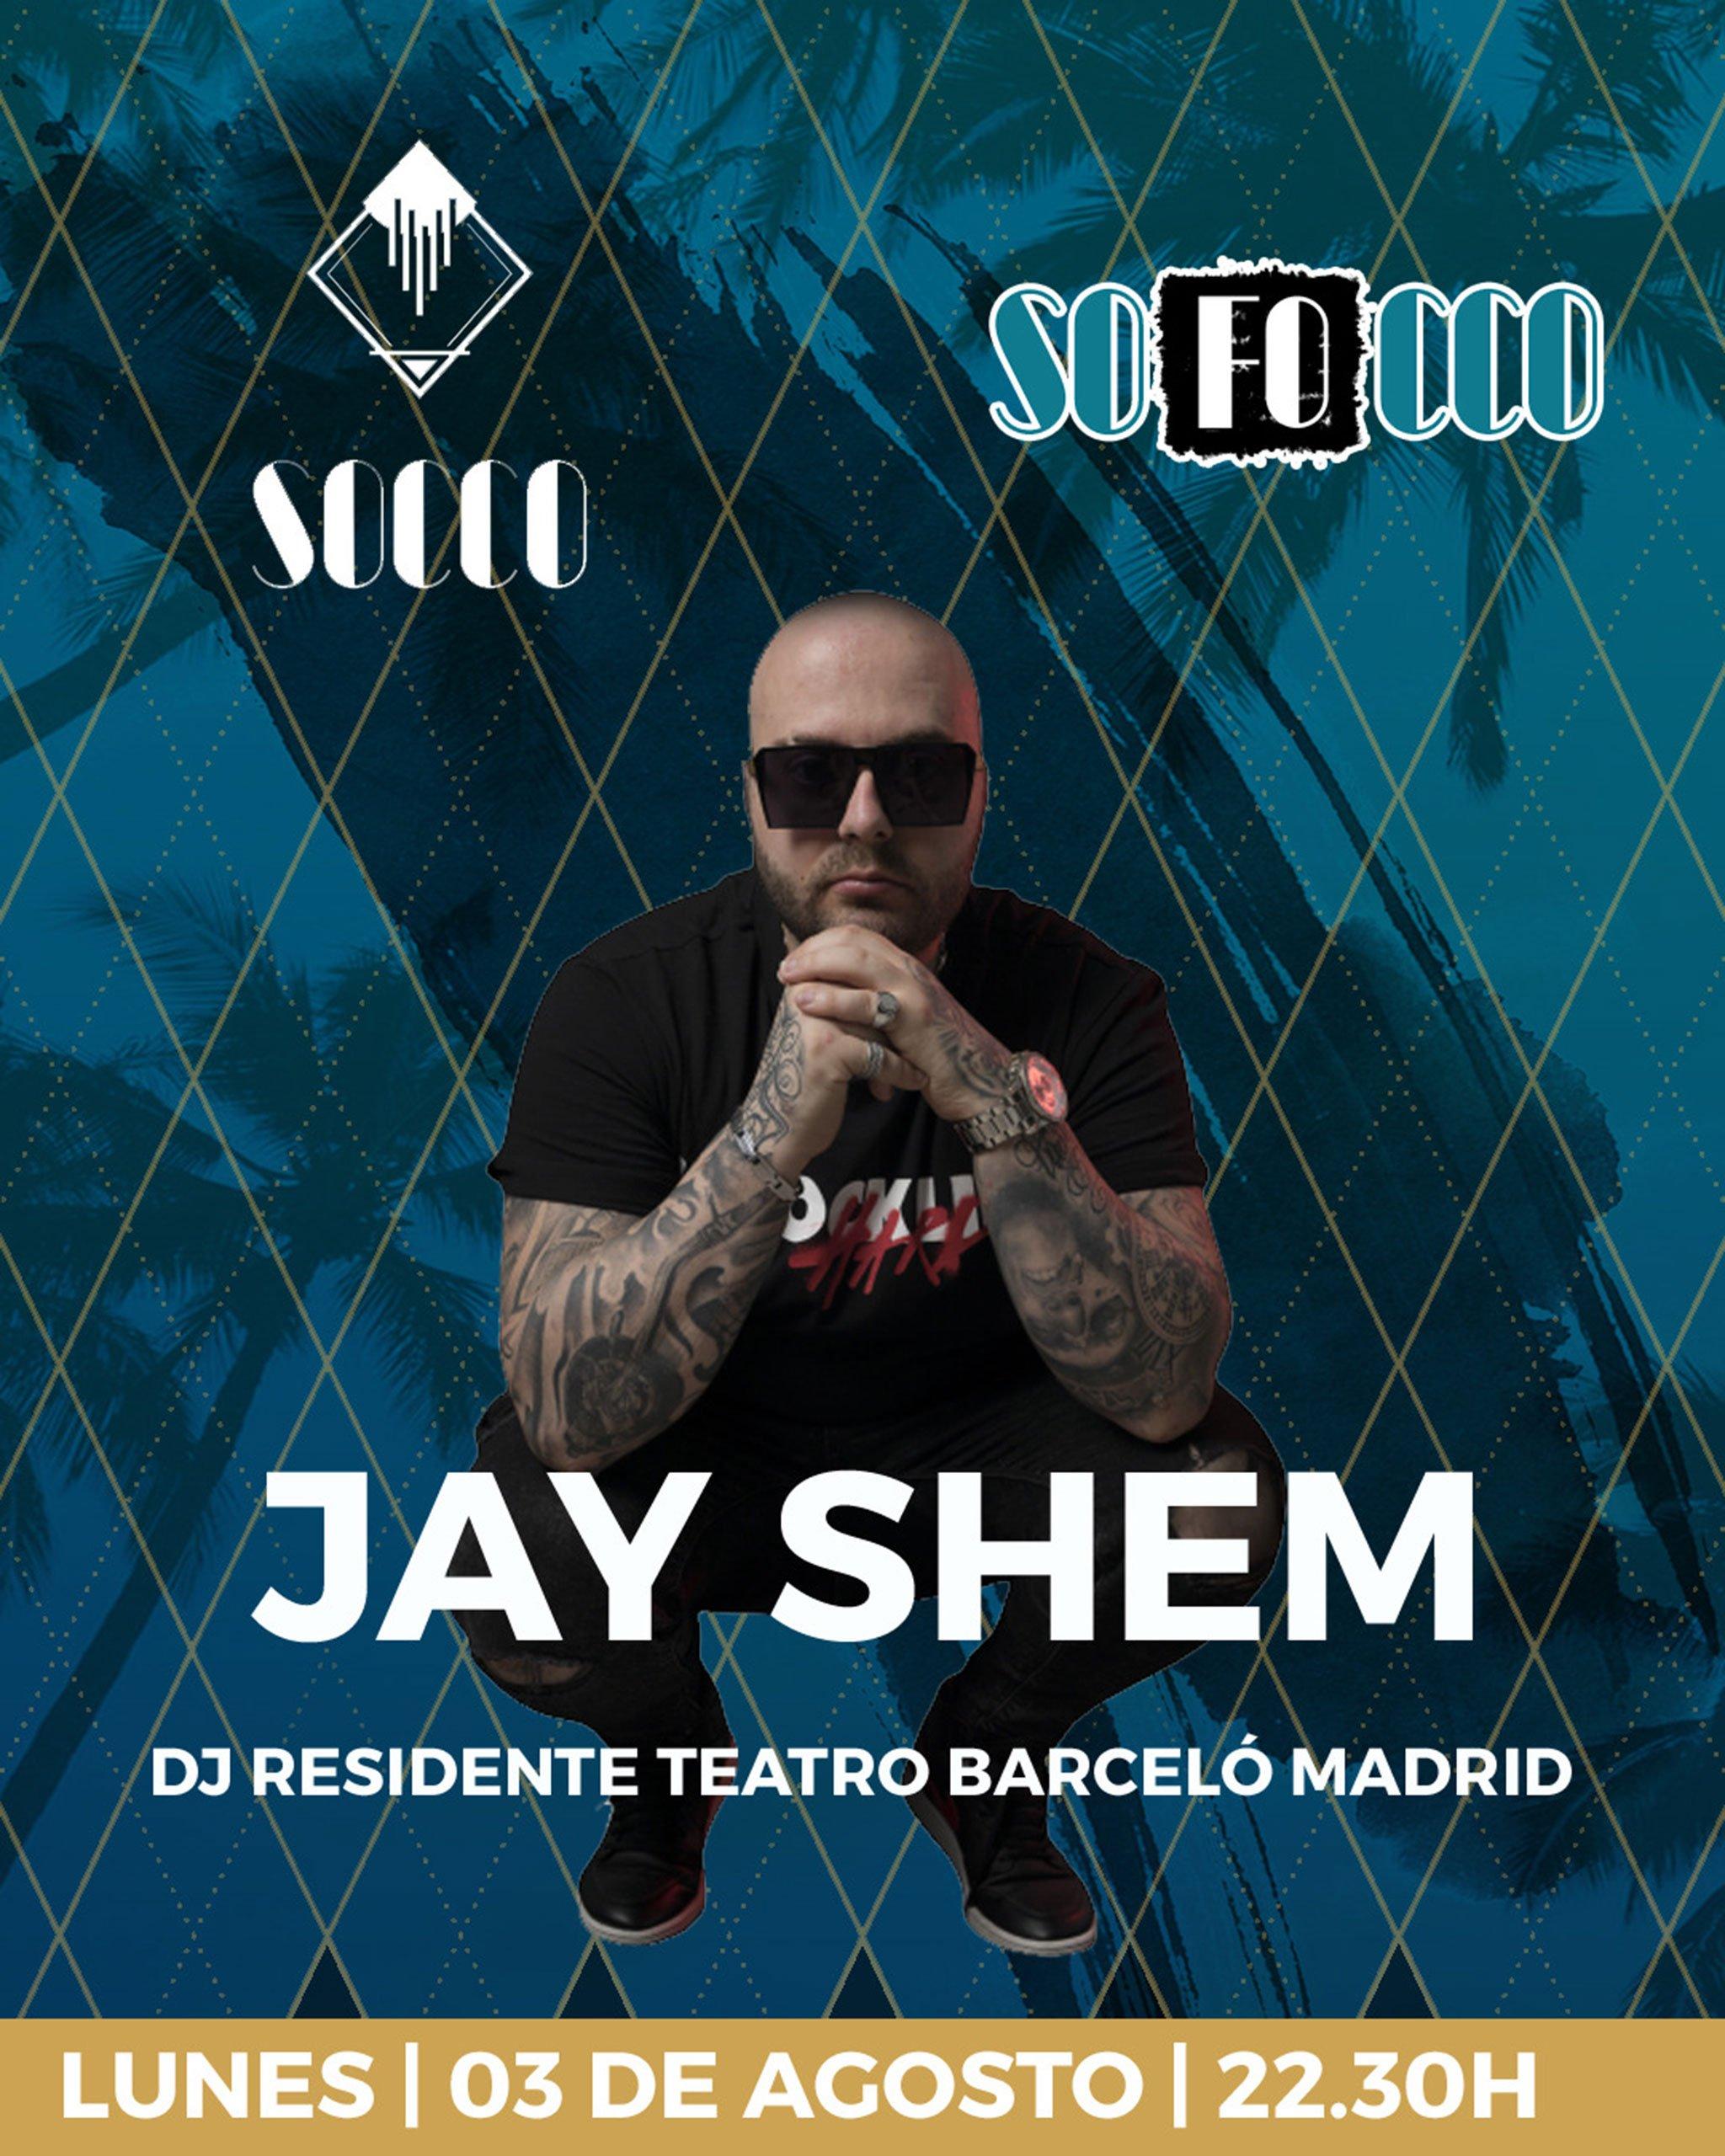 Jay Shem, residente en dos de las discotecas más importantes de Madrid, en Socco Jávea